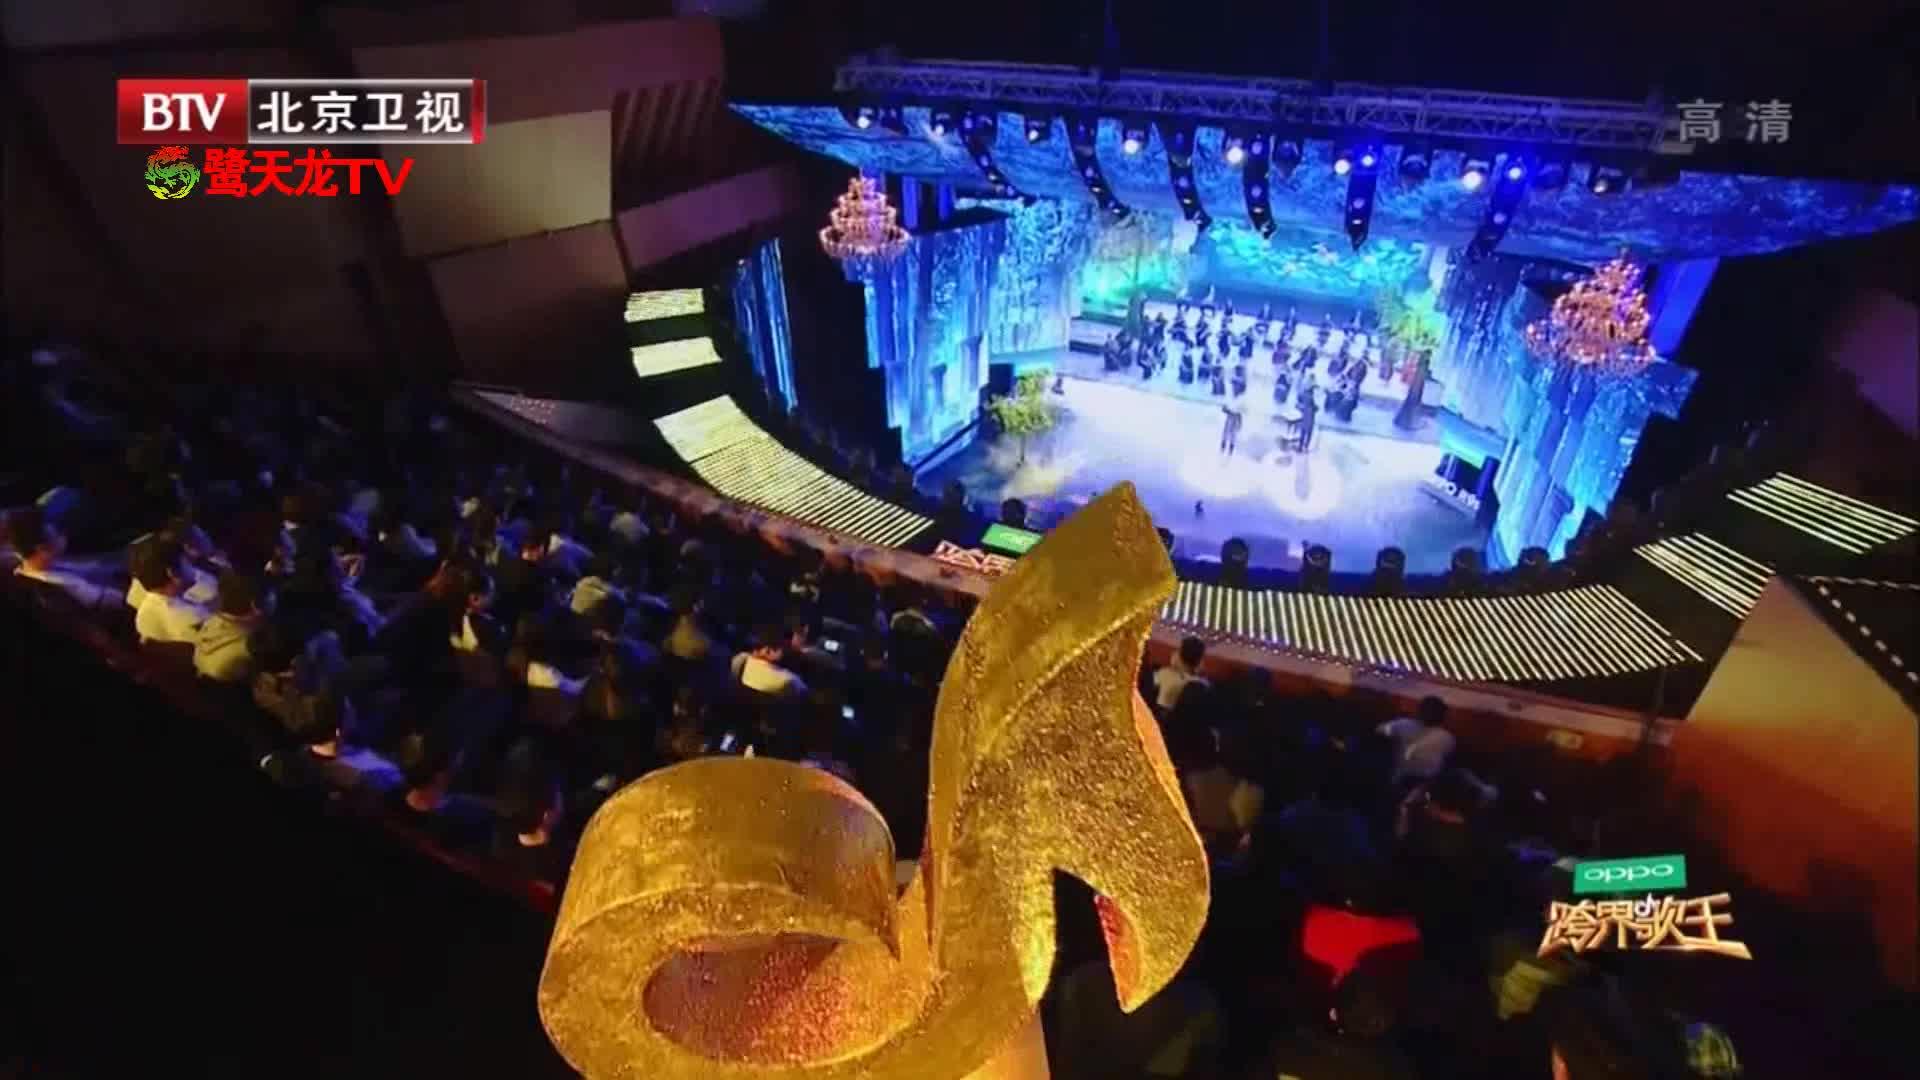 跨界歌王第二季:陈建斌《蓝莲花》变摇滚青年